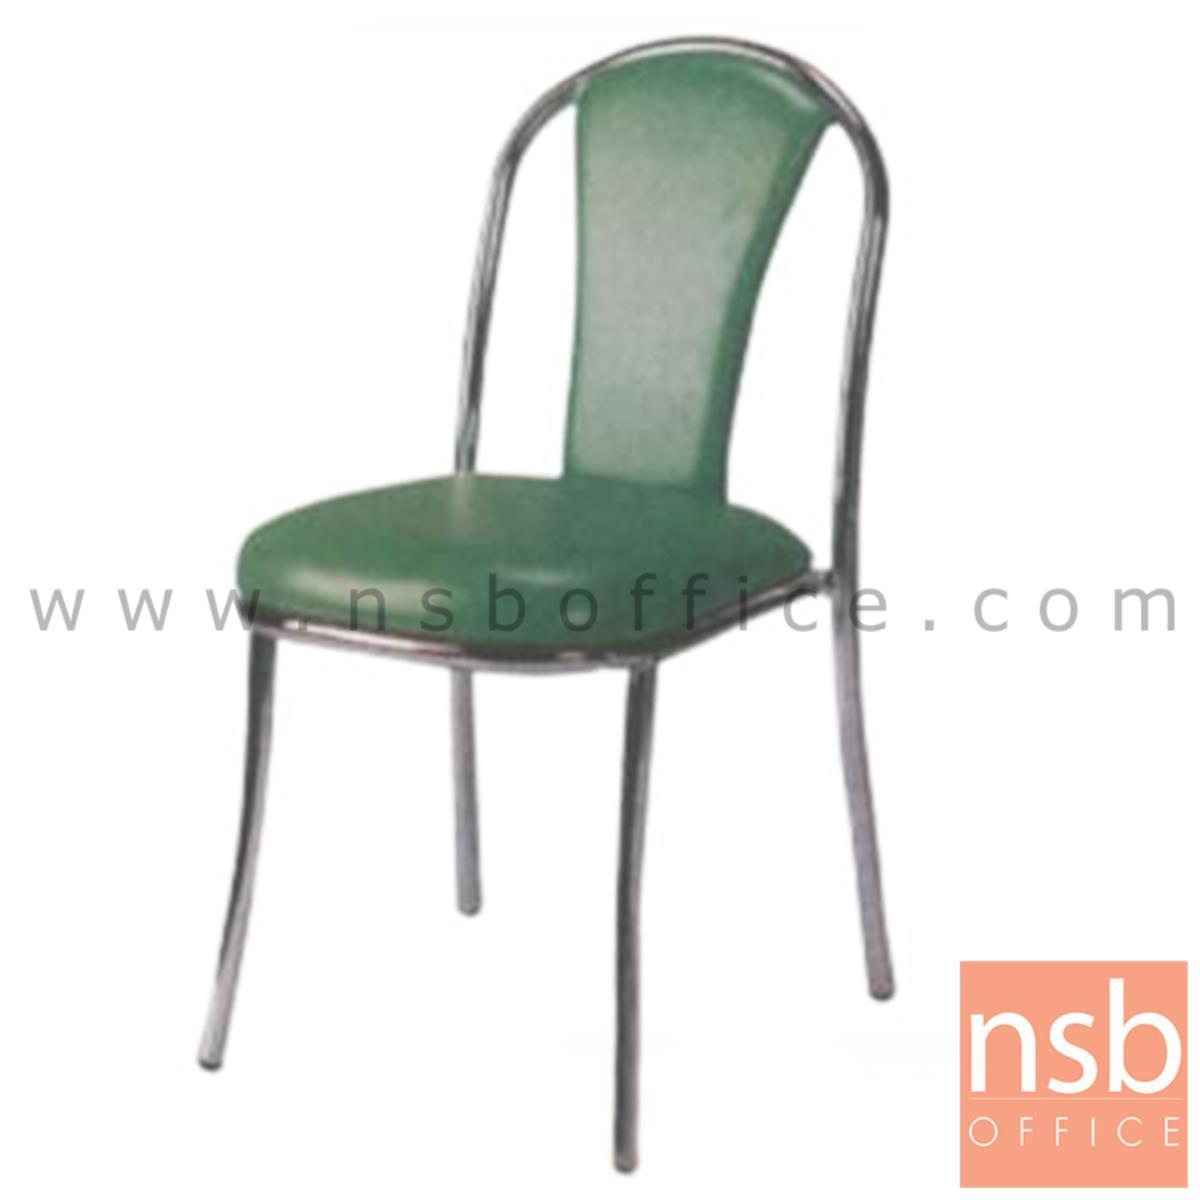 B05A076:เก้าอี้อเนกประสงค์ รุ่น KSS-83  ขาเหล็กชุบโครเมี่ยม